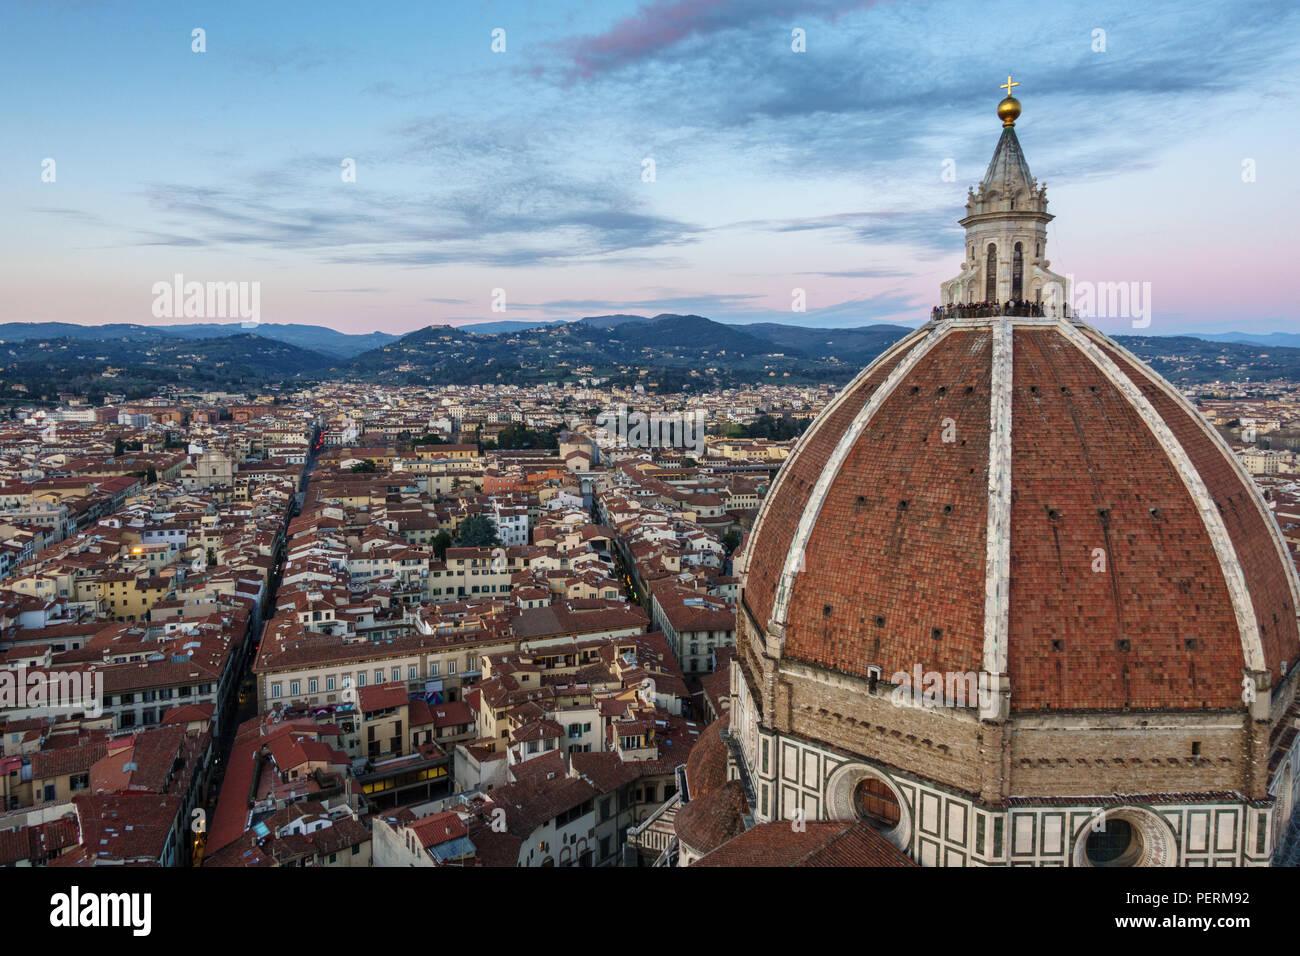 Florenz, Italien - 23. März 2018: Touristen sammeln auf der Kuppel von Florenz Duomo Kathedrale, den Sonnenuntergang zu beobachten. Stockbild